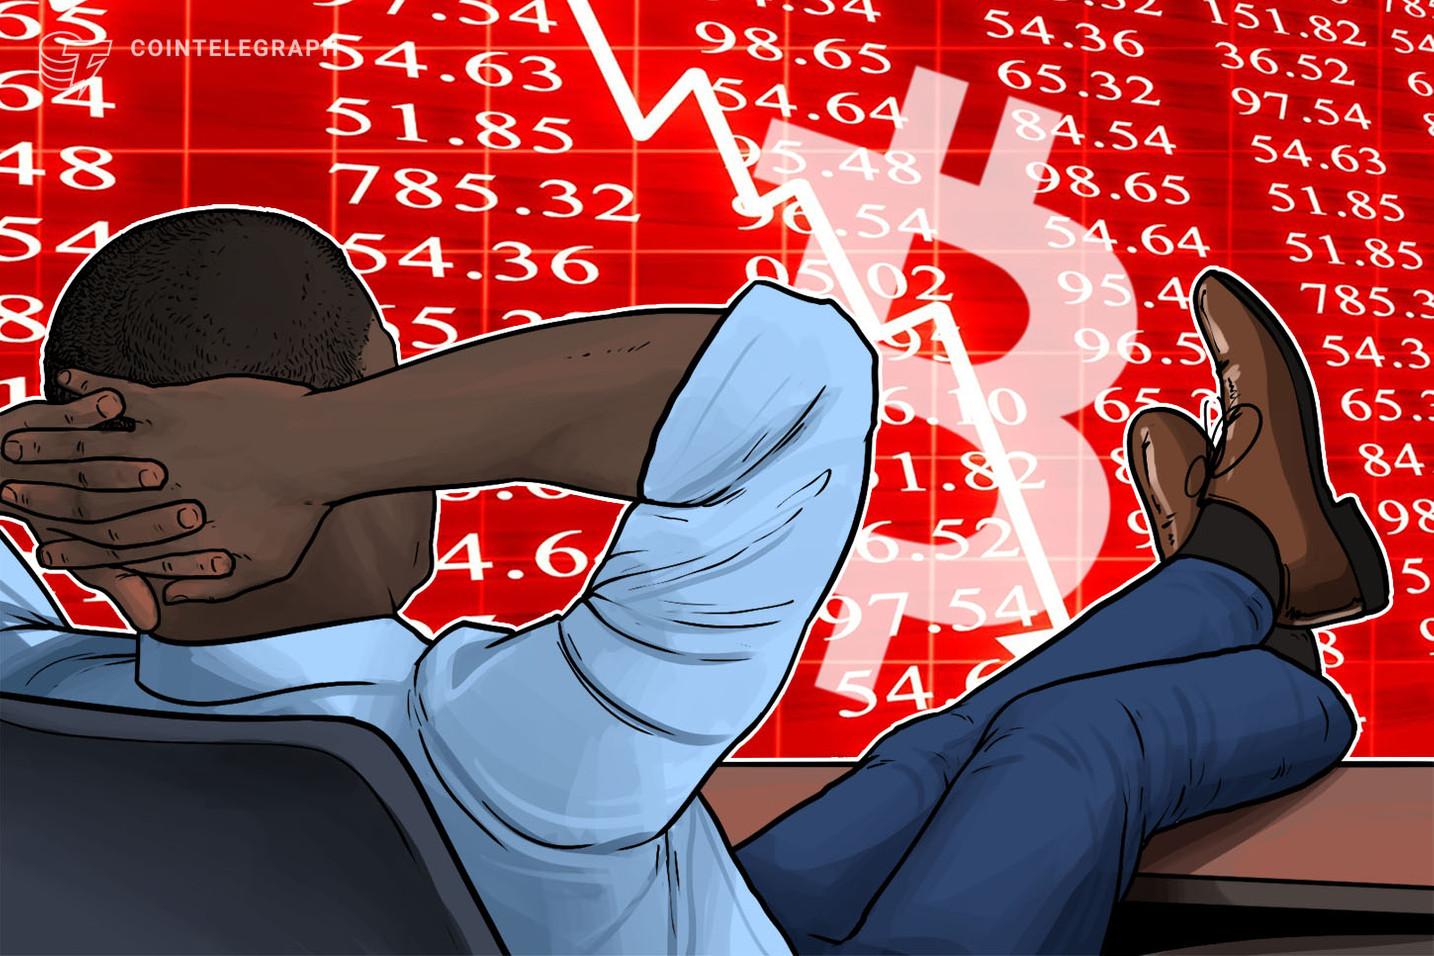 Почему криптовалюта падает на выходных